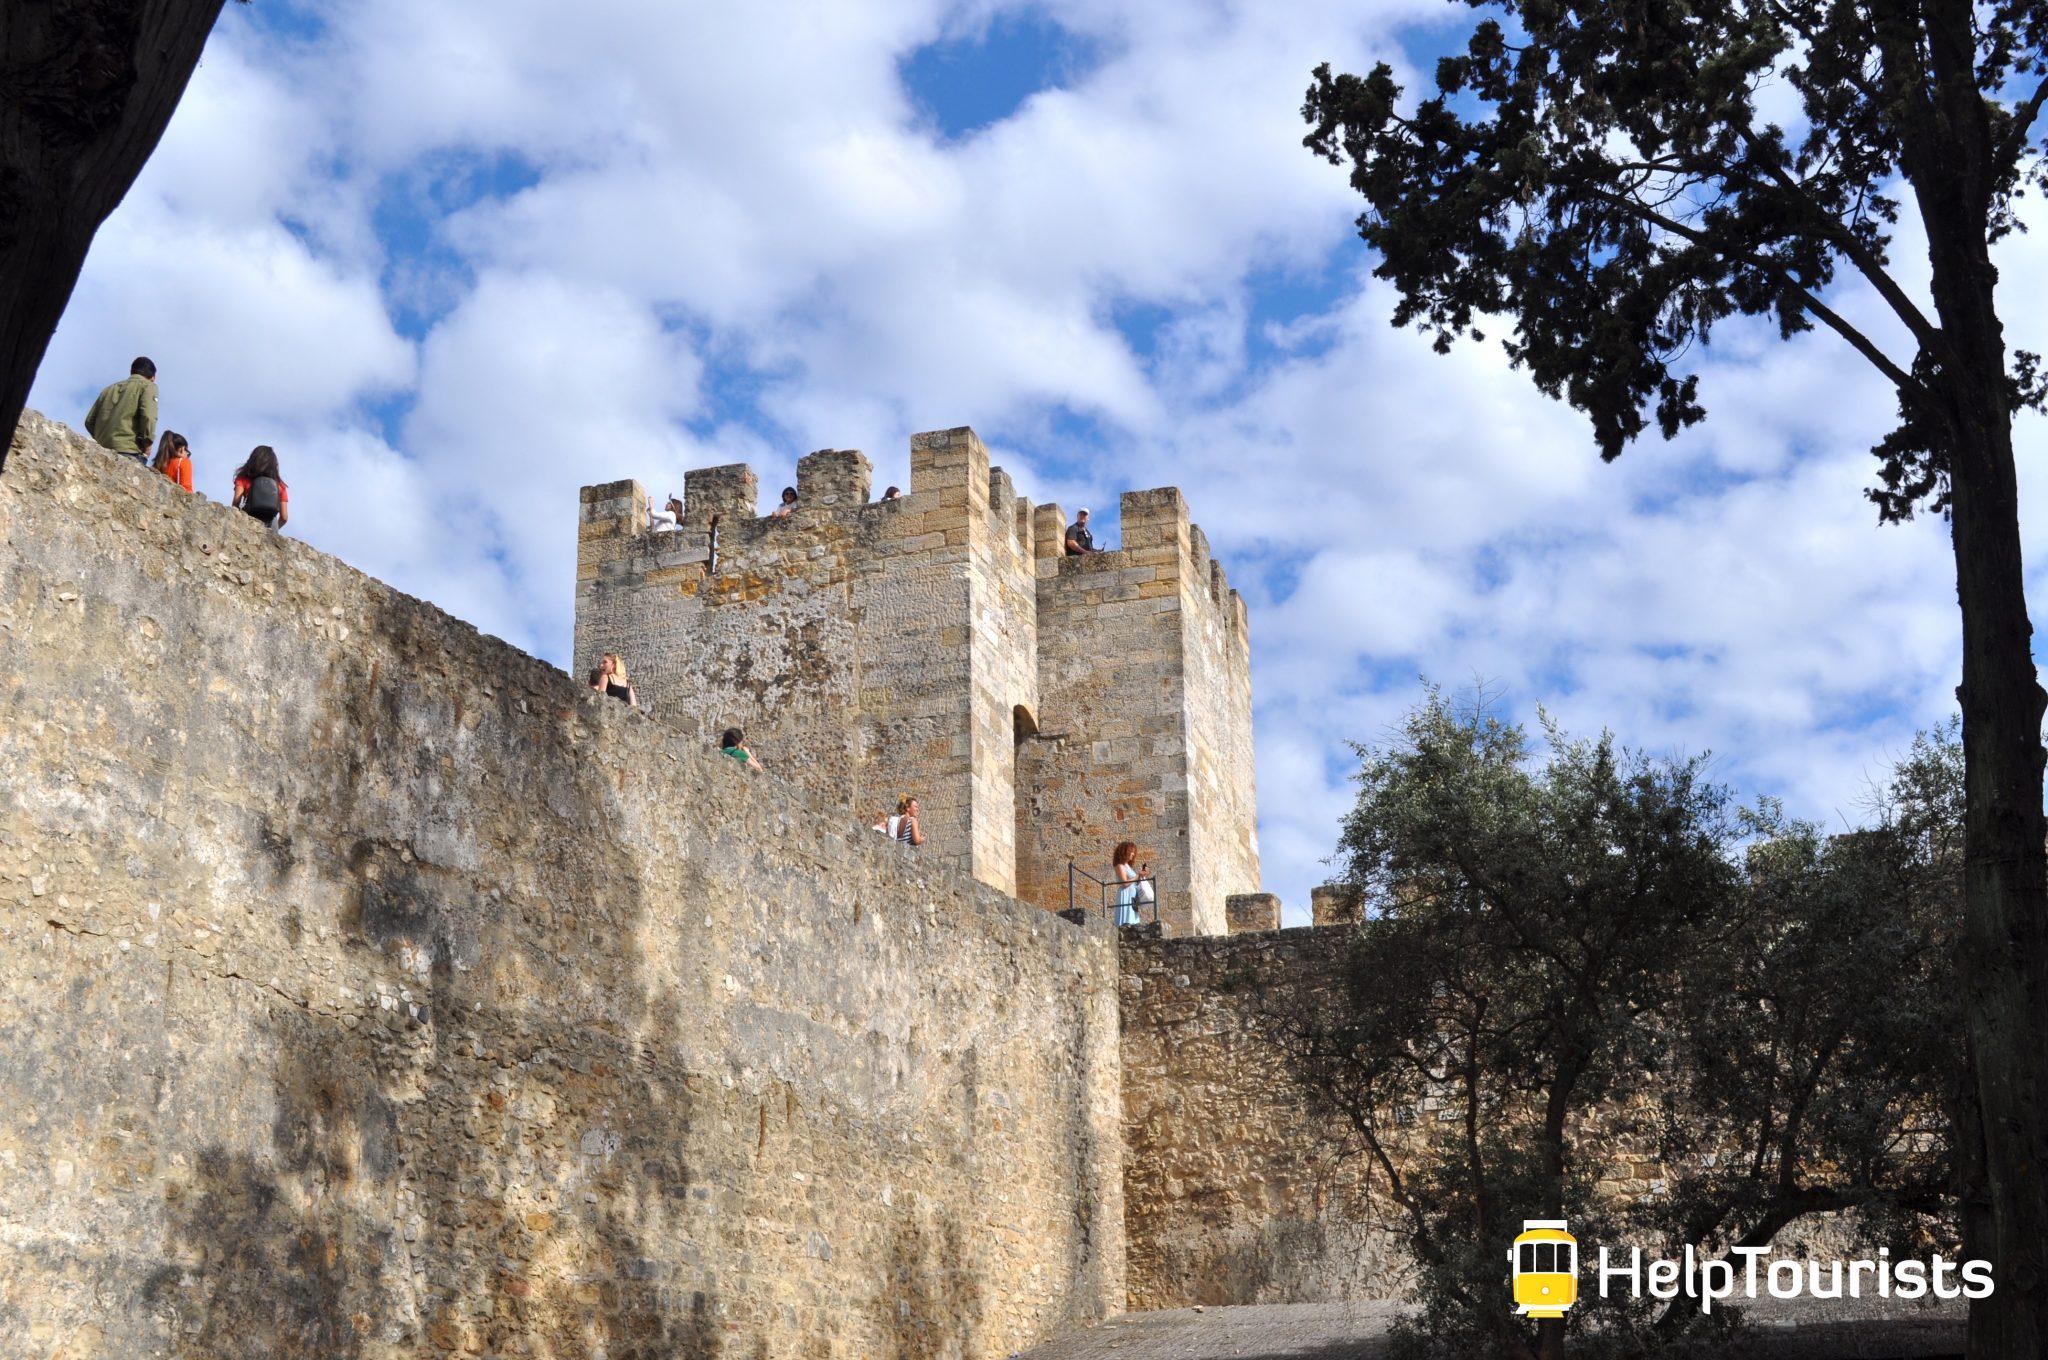 Lissabon Castelo de Sao jorge Turm